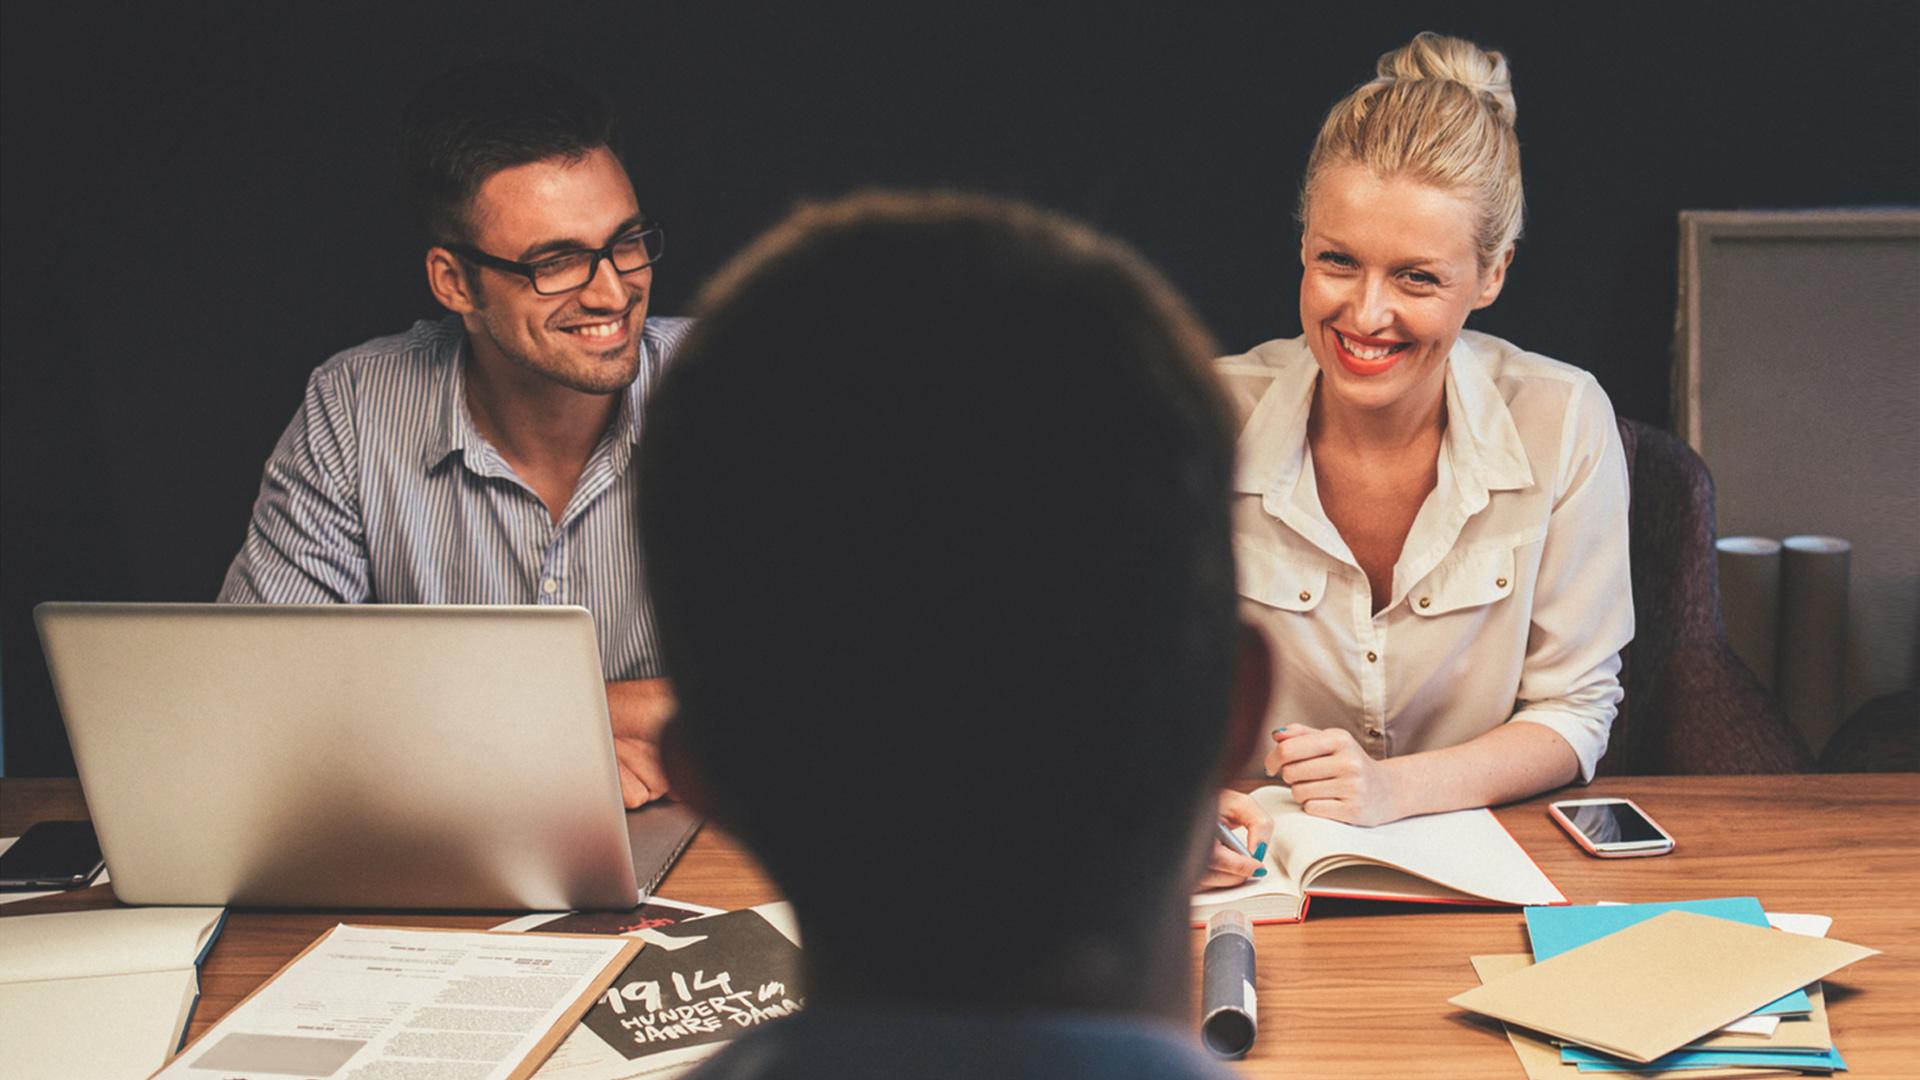 Практика подбора и мотивации персонала для малого бизнеса (IT). Первая часть.